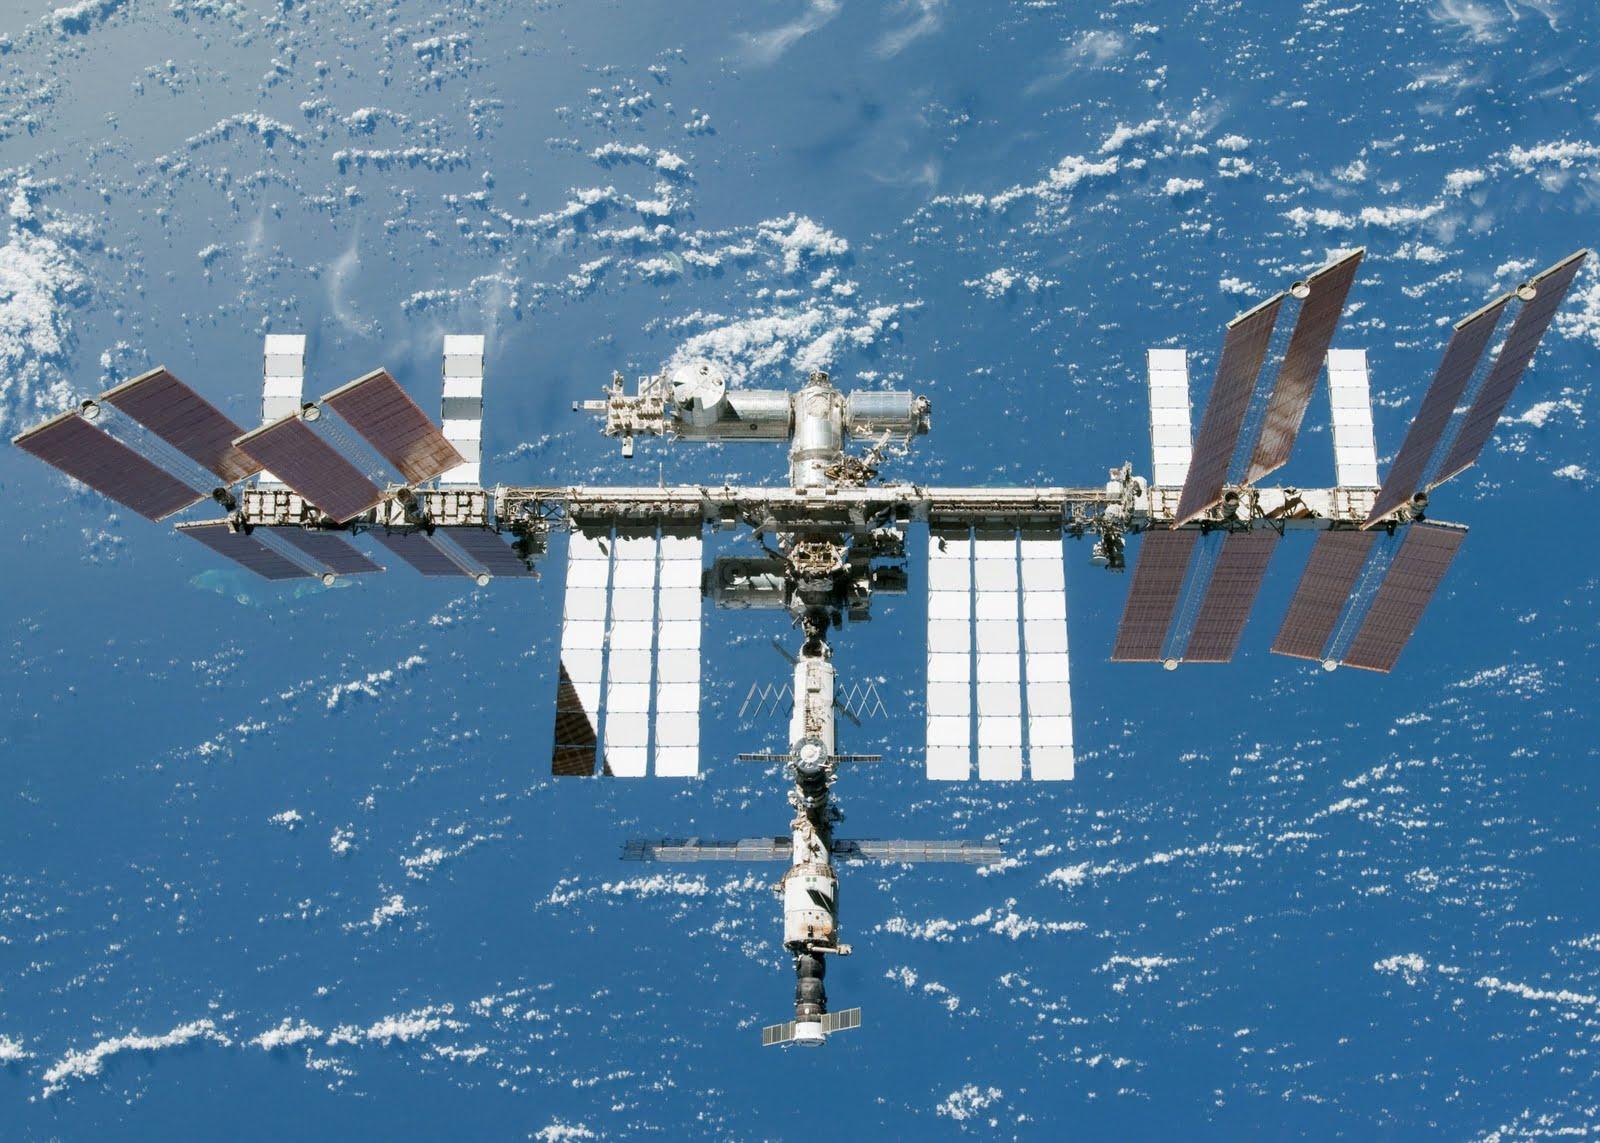 Сегодня МКС получит от NASA посылку весом более 3,5 тонн